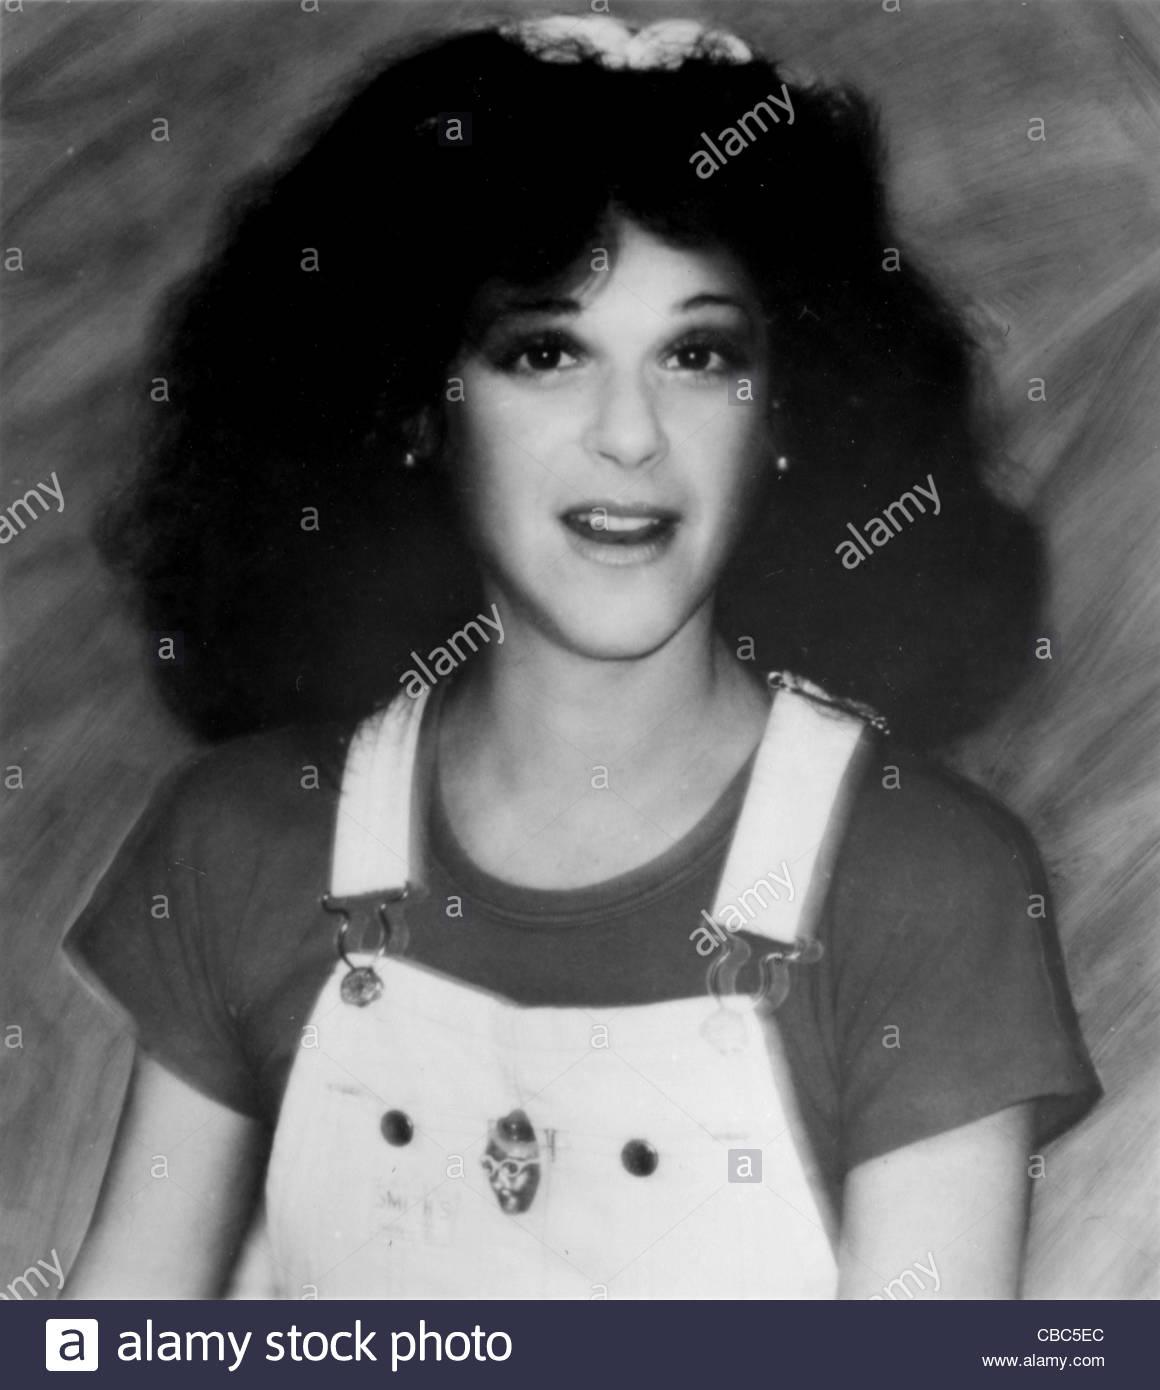 """Glida Radner, Darsteller des NBC TV-Serie """"Saturday Night Live"""", etwa Ende der 1970er Jahre. Photo Courtesy Stockbild"""